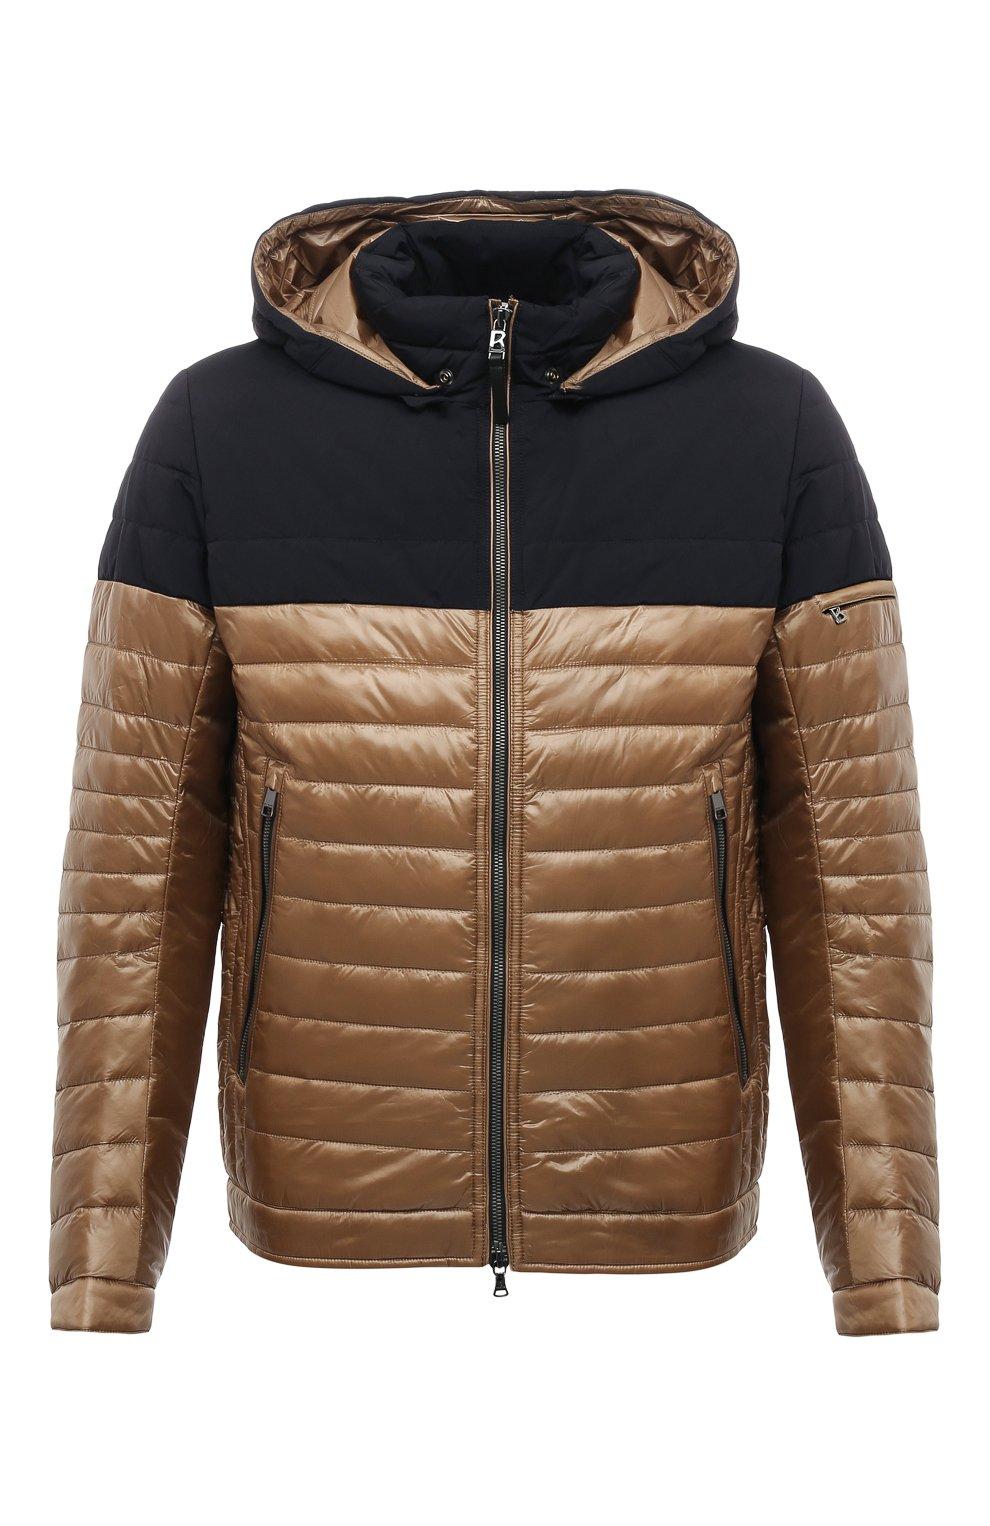 Мужская утепленная куртка BOGNER коричневого цвета, арт. 38006550 | Фото 1 (Кросс-КТ: Куртка; Мужское Кросс-КТ: пуховик-короткий; Рукава: Длинные; Материал внешний: Синтетический материал; Длина (верхняя одежда): Короткие; Стили: Кэжуэл)